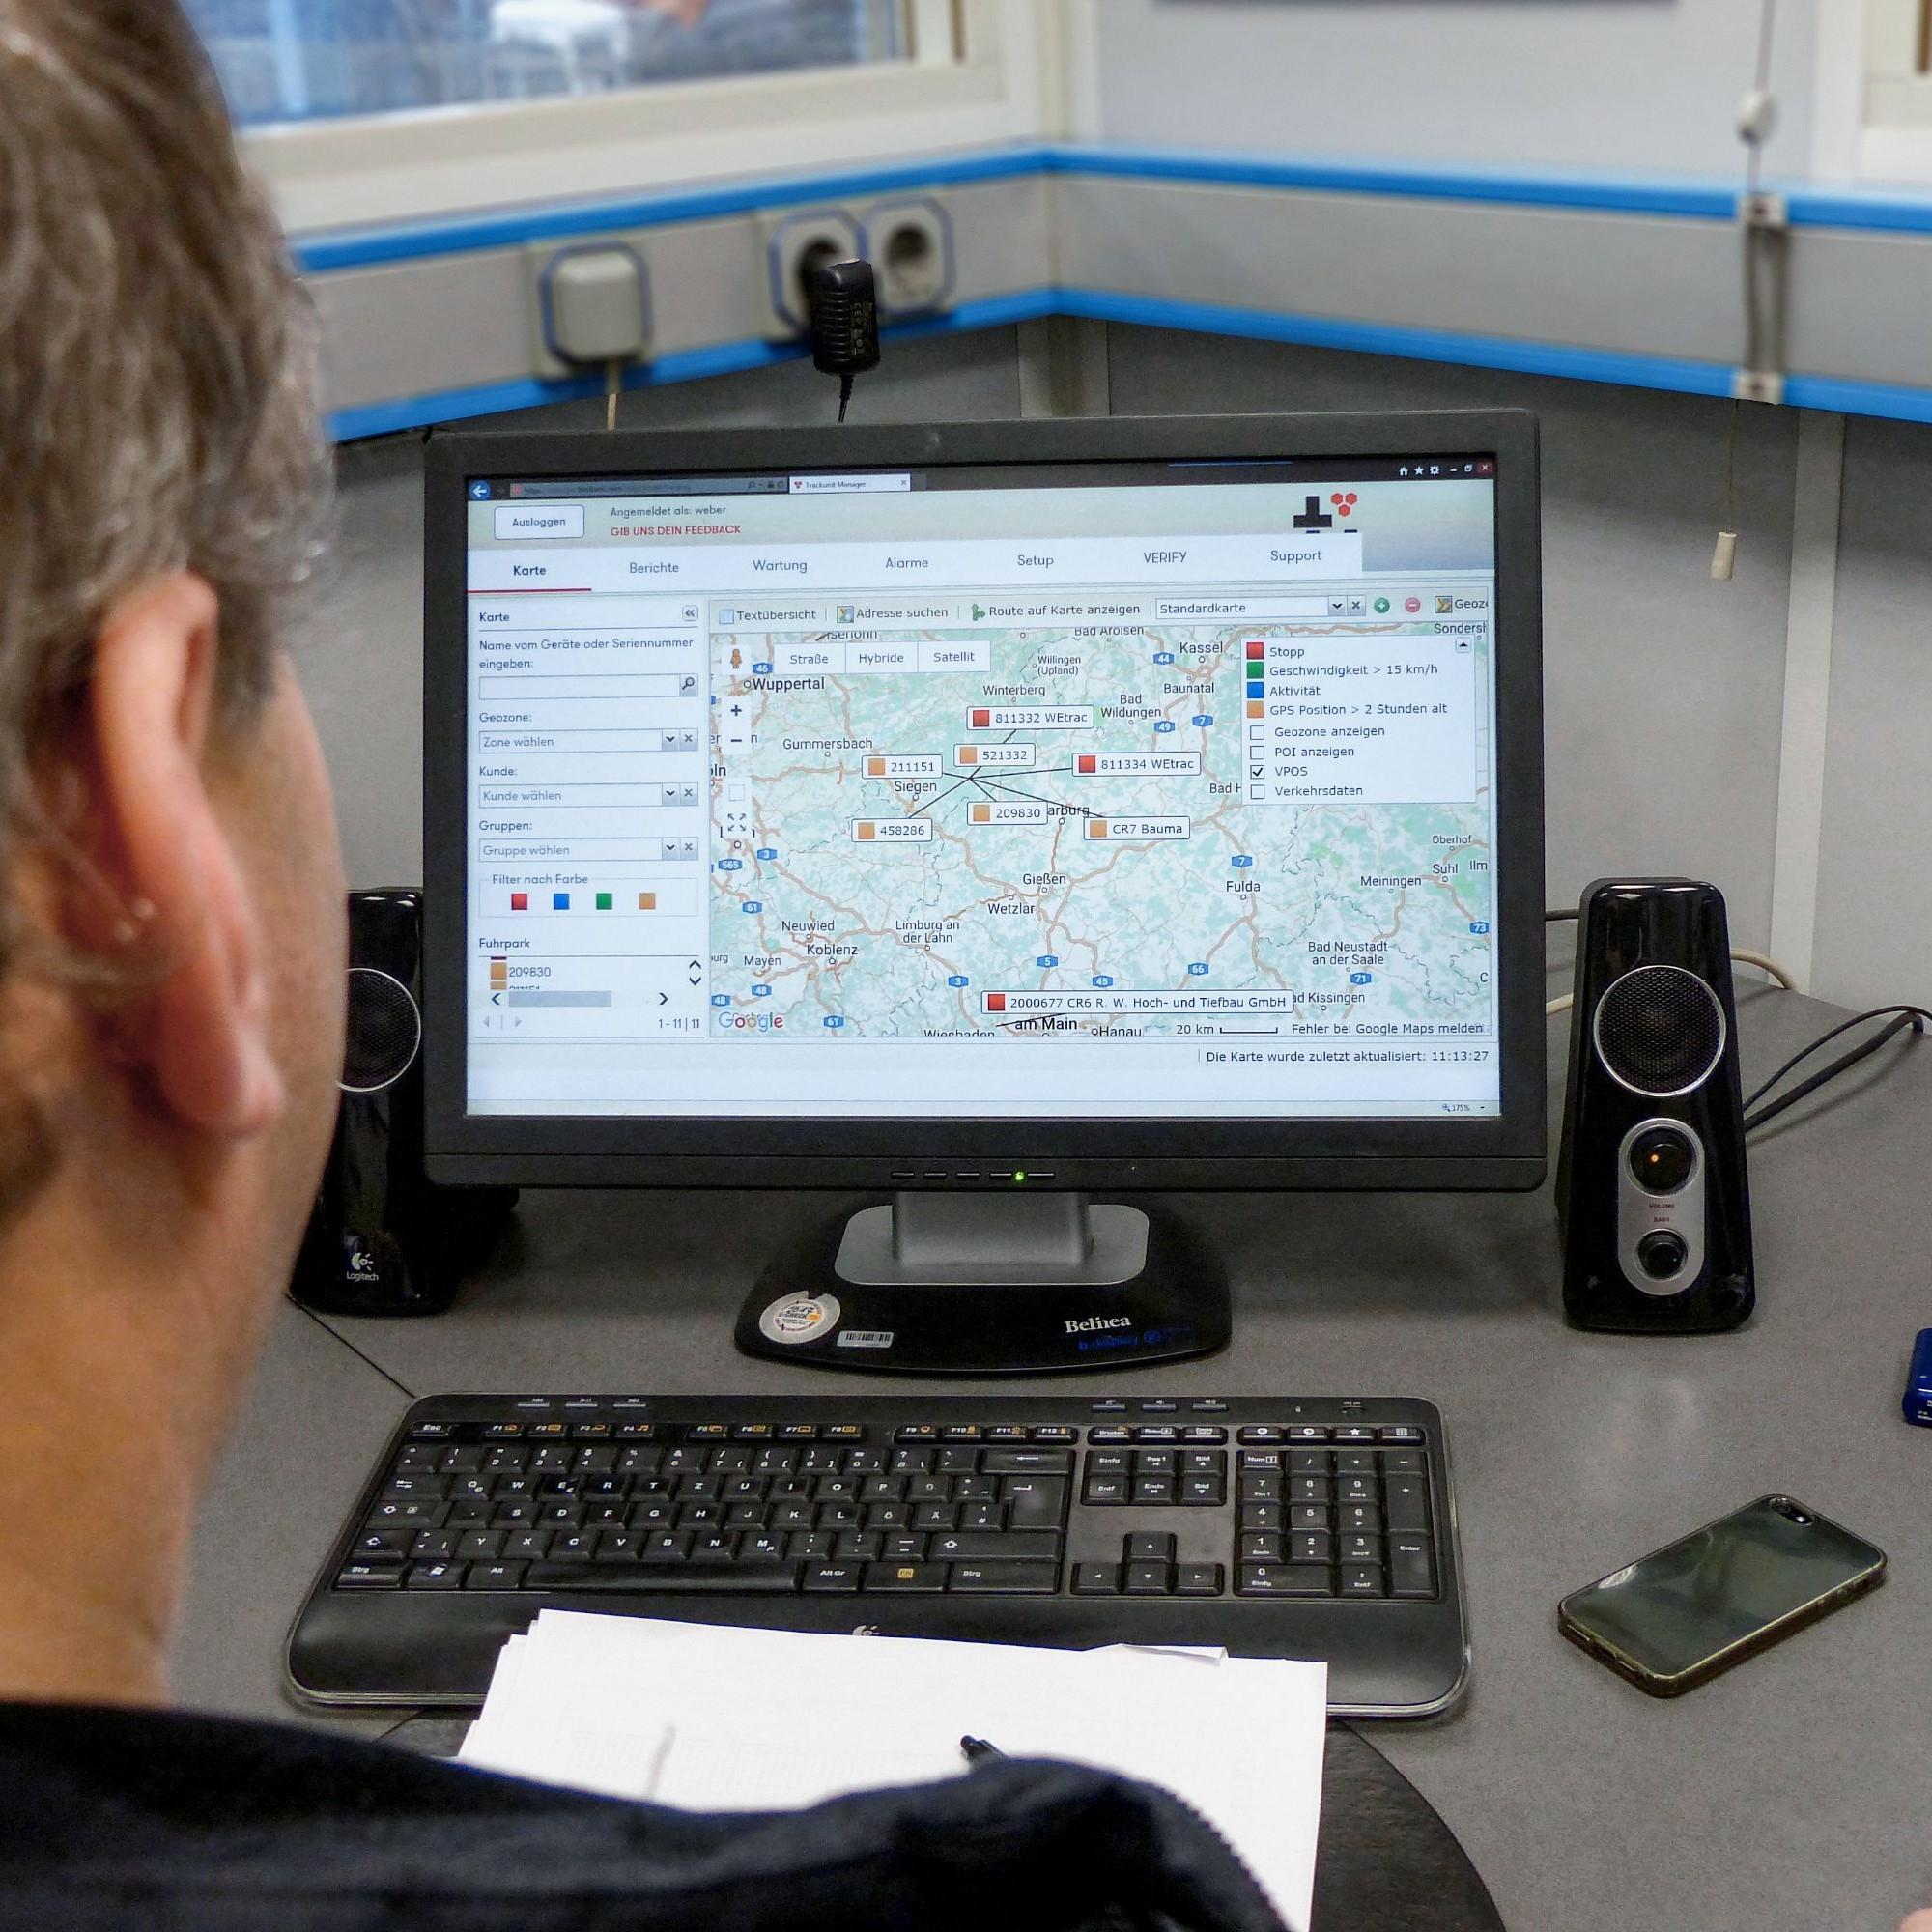 Flottenmanager können am Bürorechner den Standort ihrer Maschinen einsehen und per Geofencing eine allfällige Fremdnutzung oder Diebstahl verhindern.